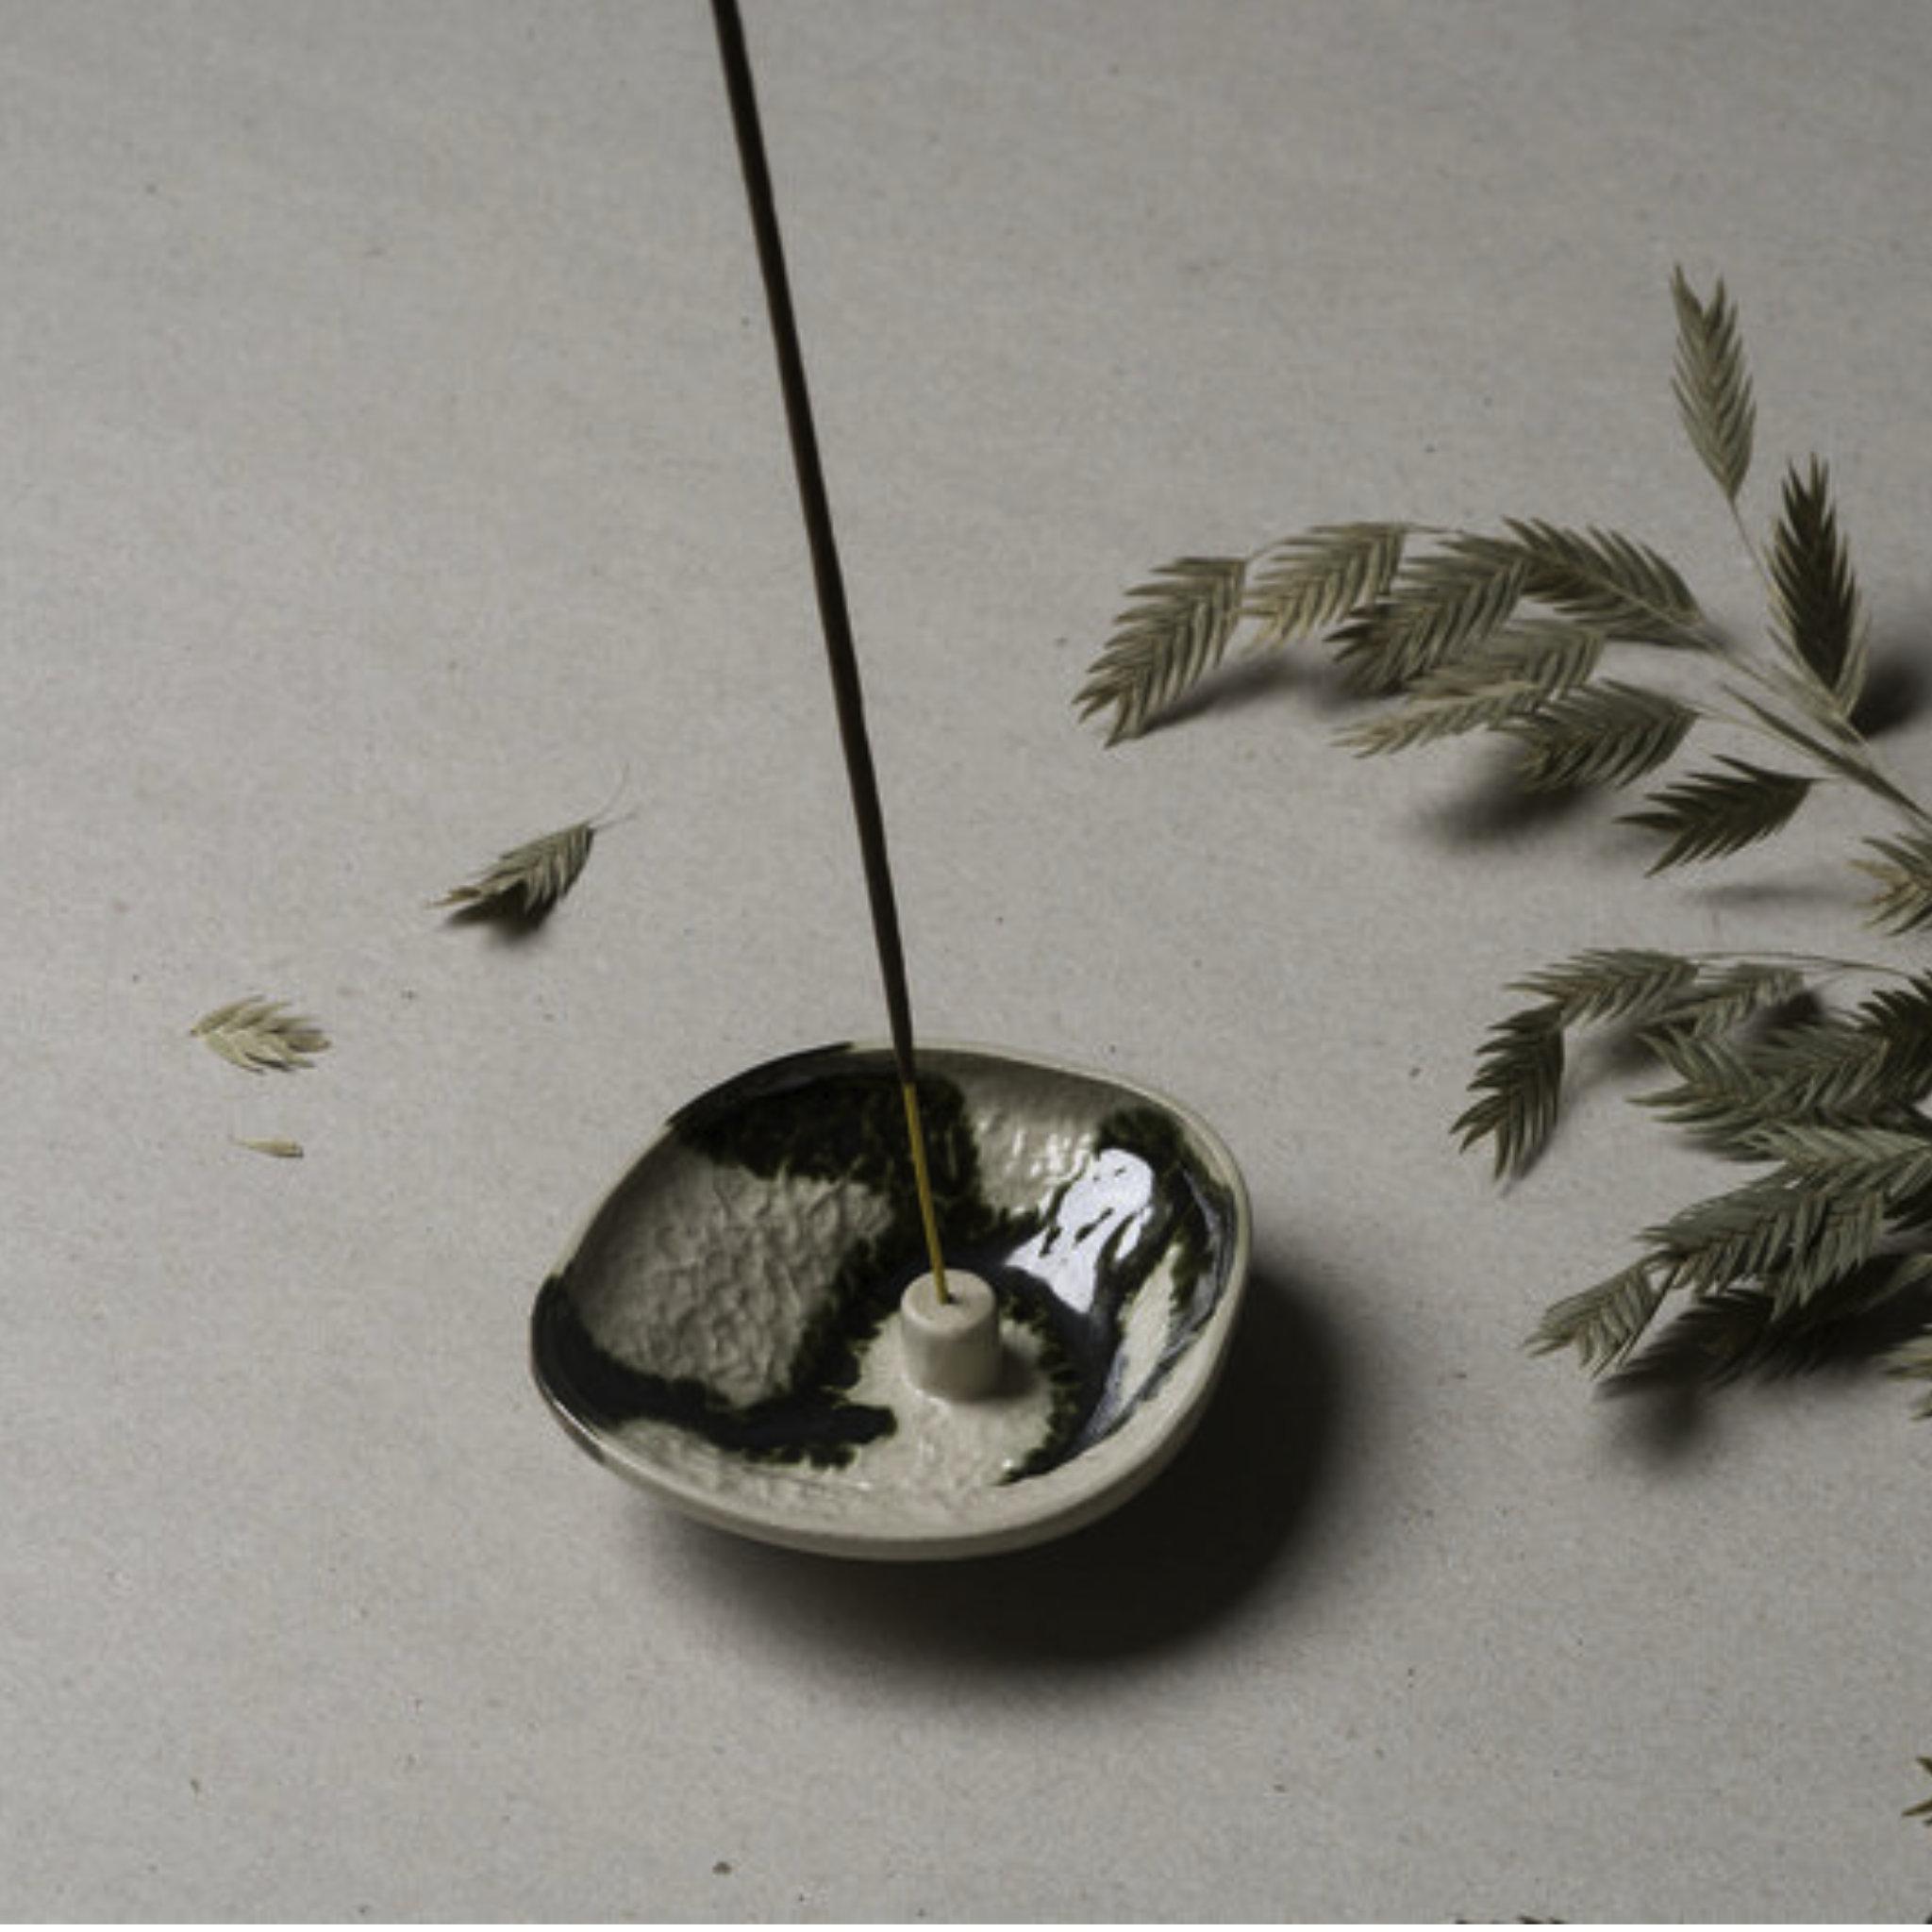 Lina Wil Stoneware Incense Holder- Lichen- Small